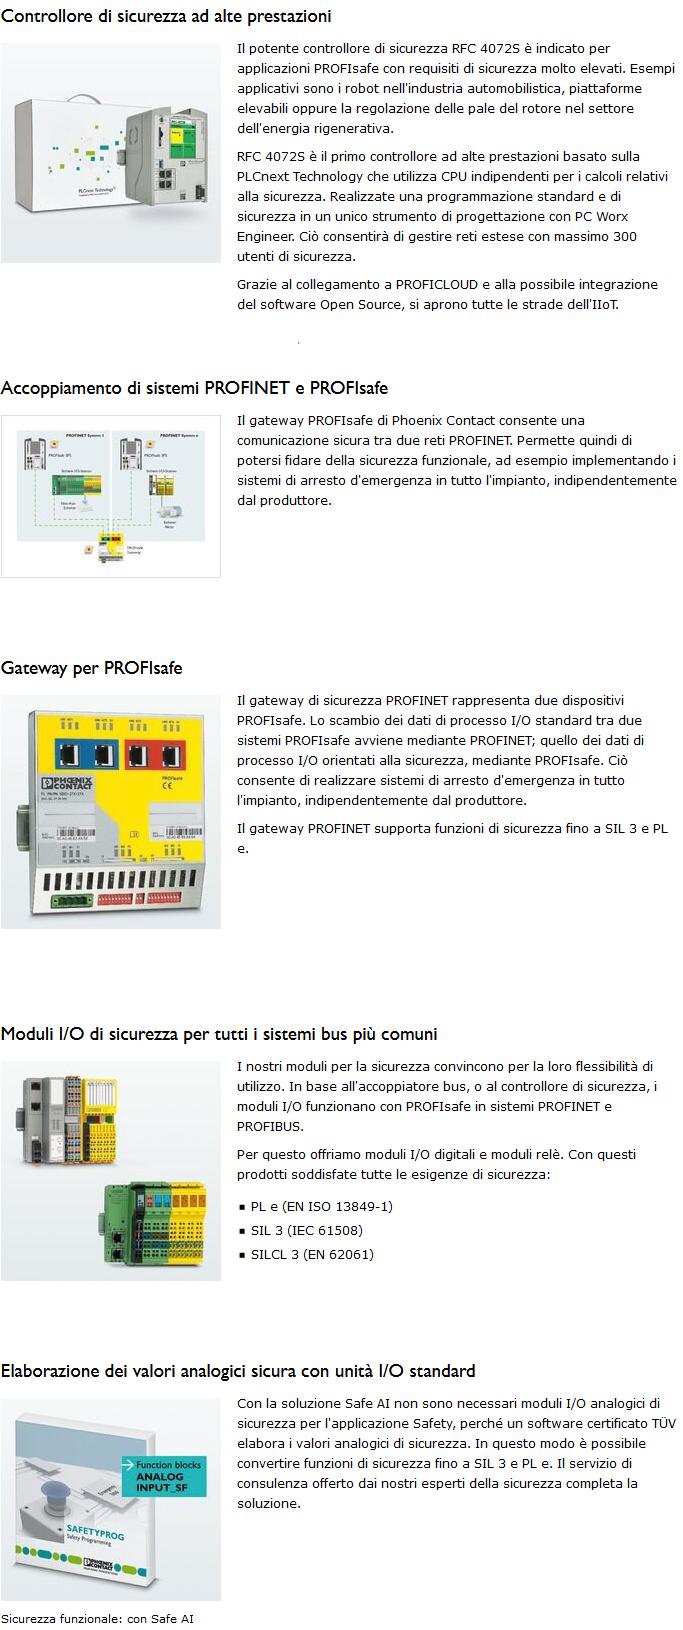 Screenshot_2020-04-14 Tecnica di controllo sicura